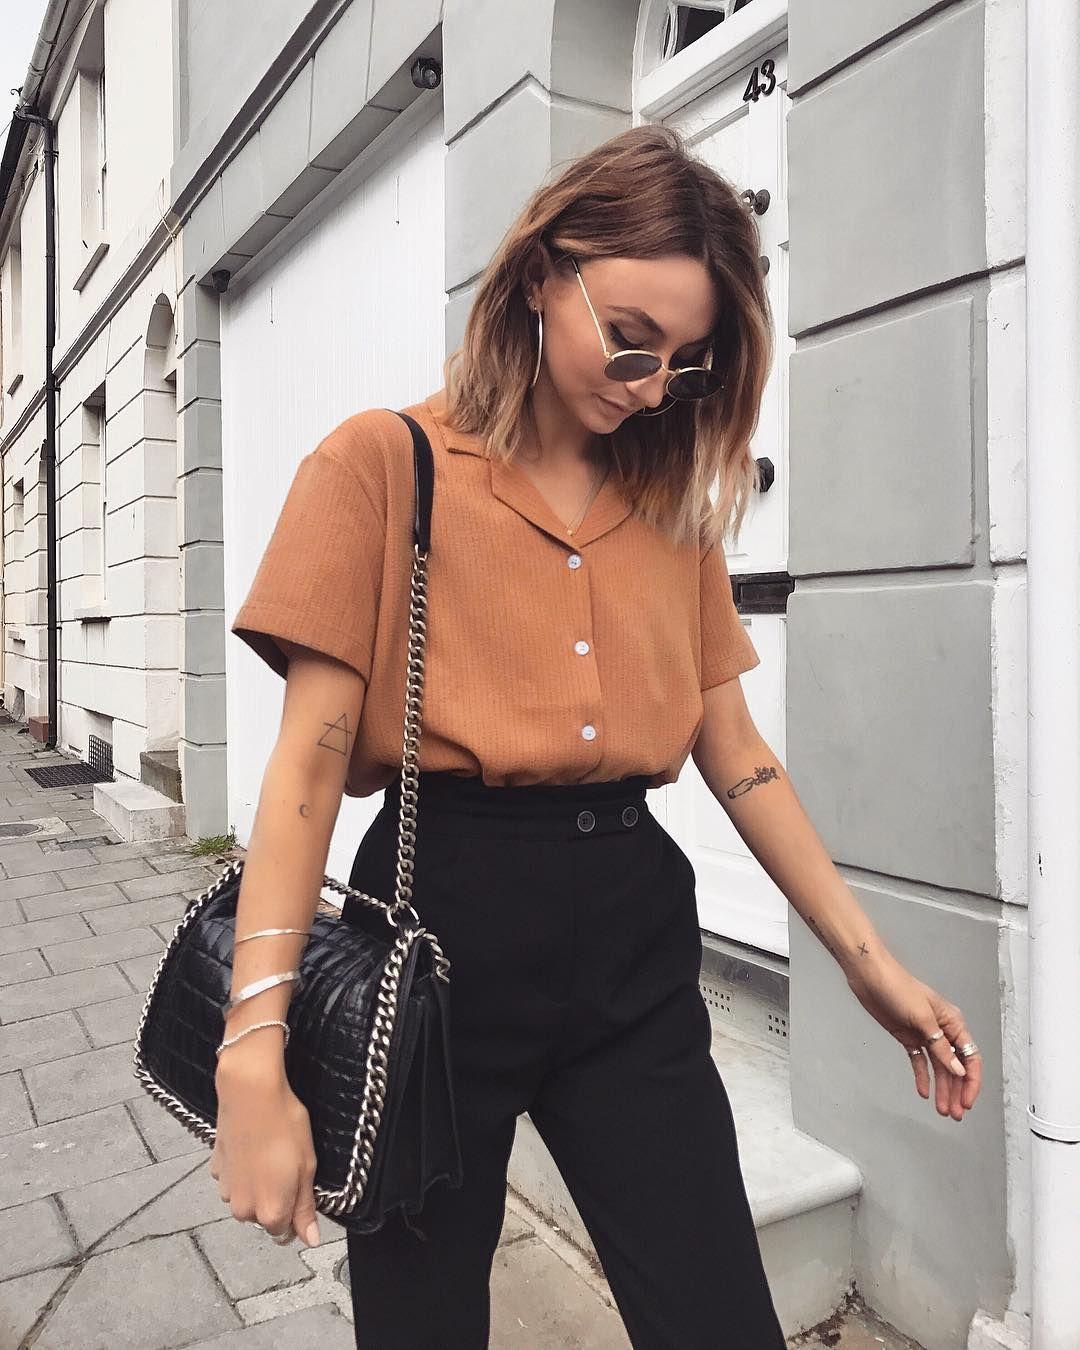 The Kooples - Schwarze Slim-Fit-Jeans in Lederoptik - Herren - Welcome to Blog